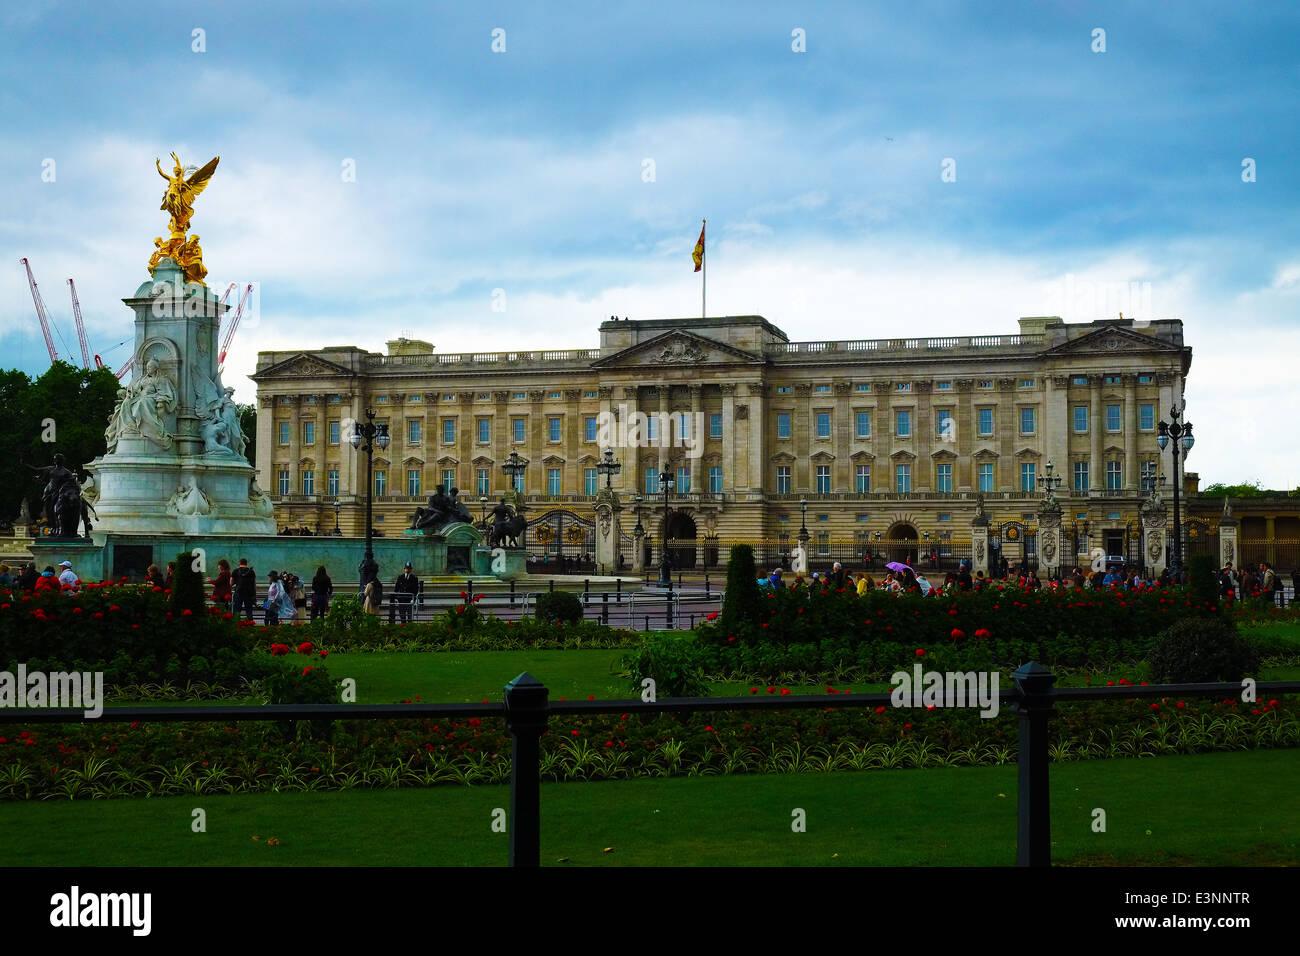 Buckingham Palace - Stock Image